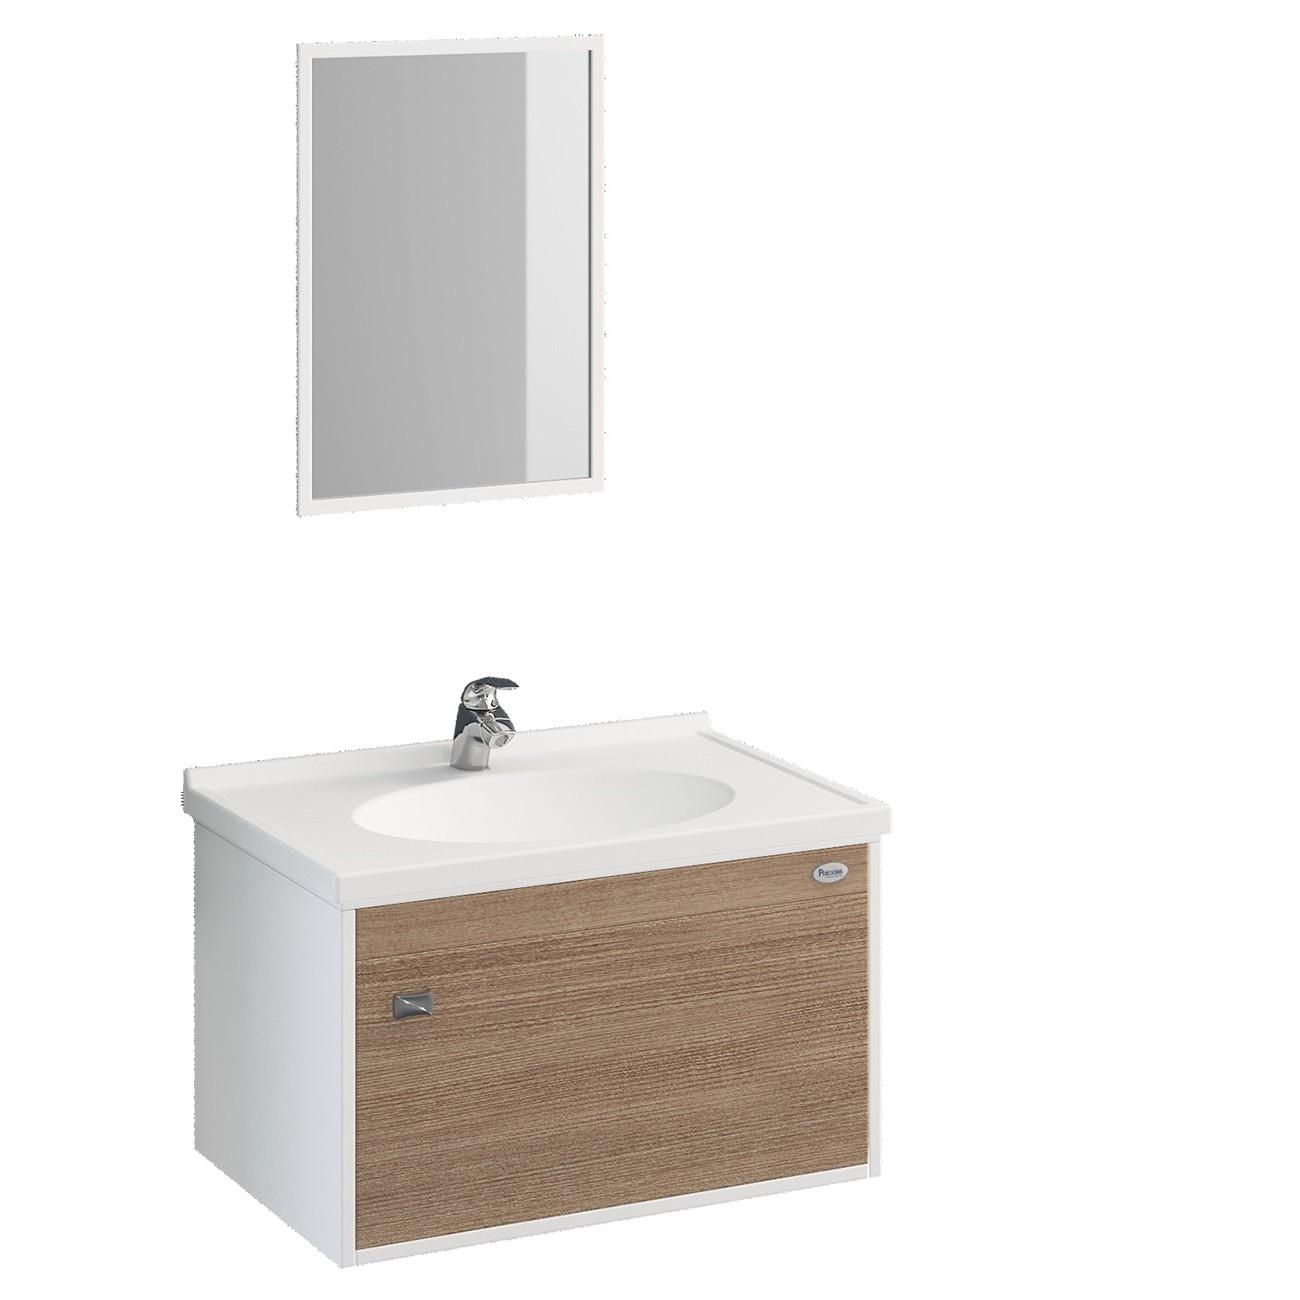 Gabinete para Banheiro Fosco 325x565cm Nogueira 16750 - Policlass